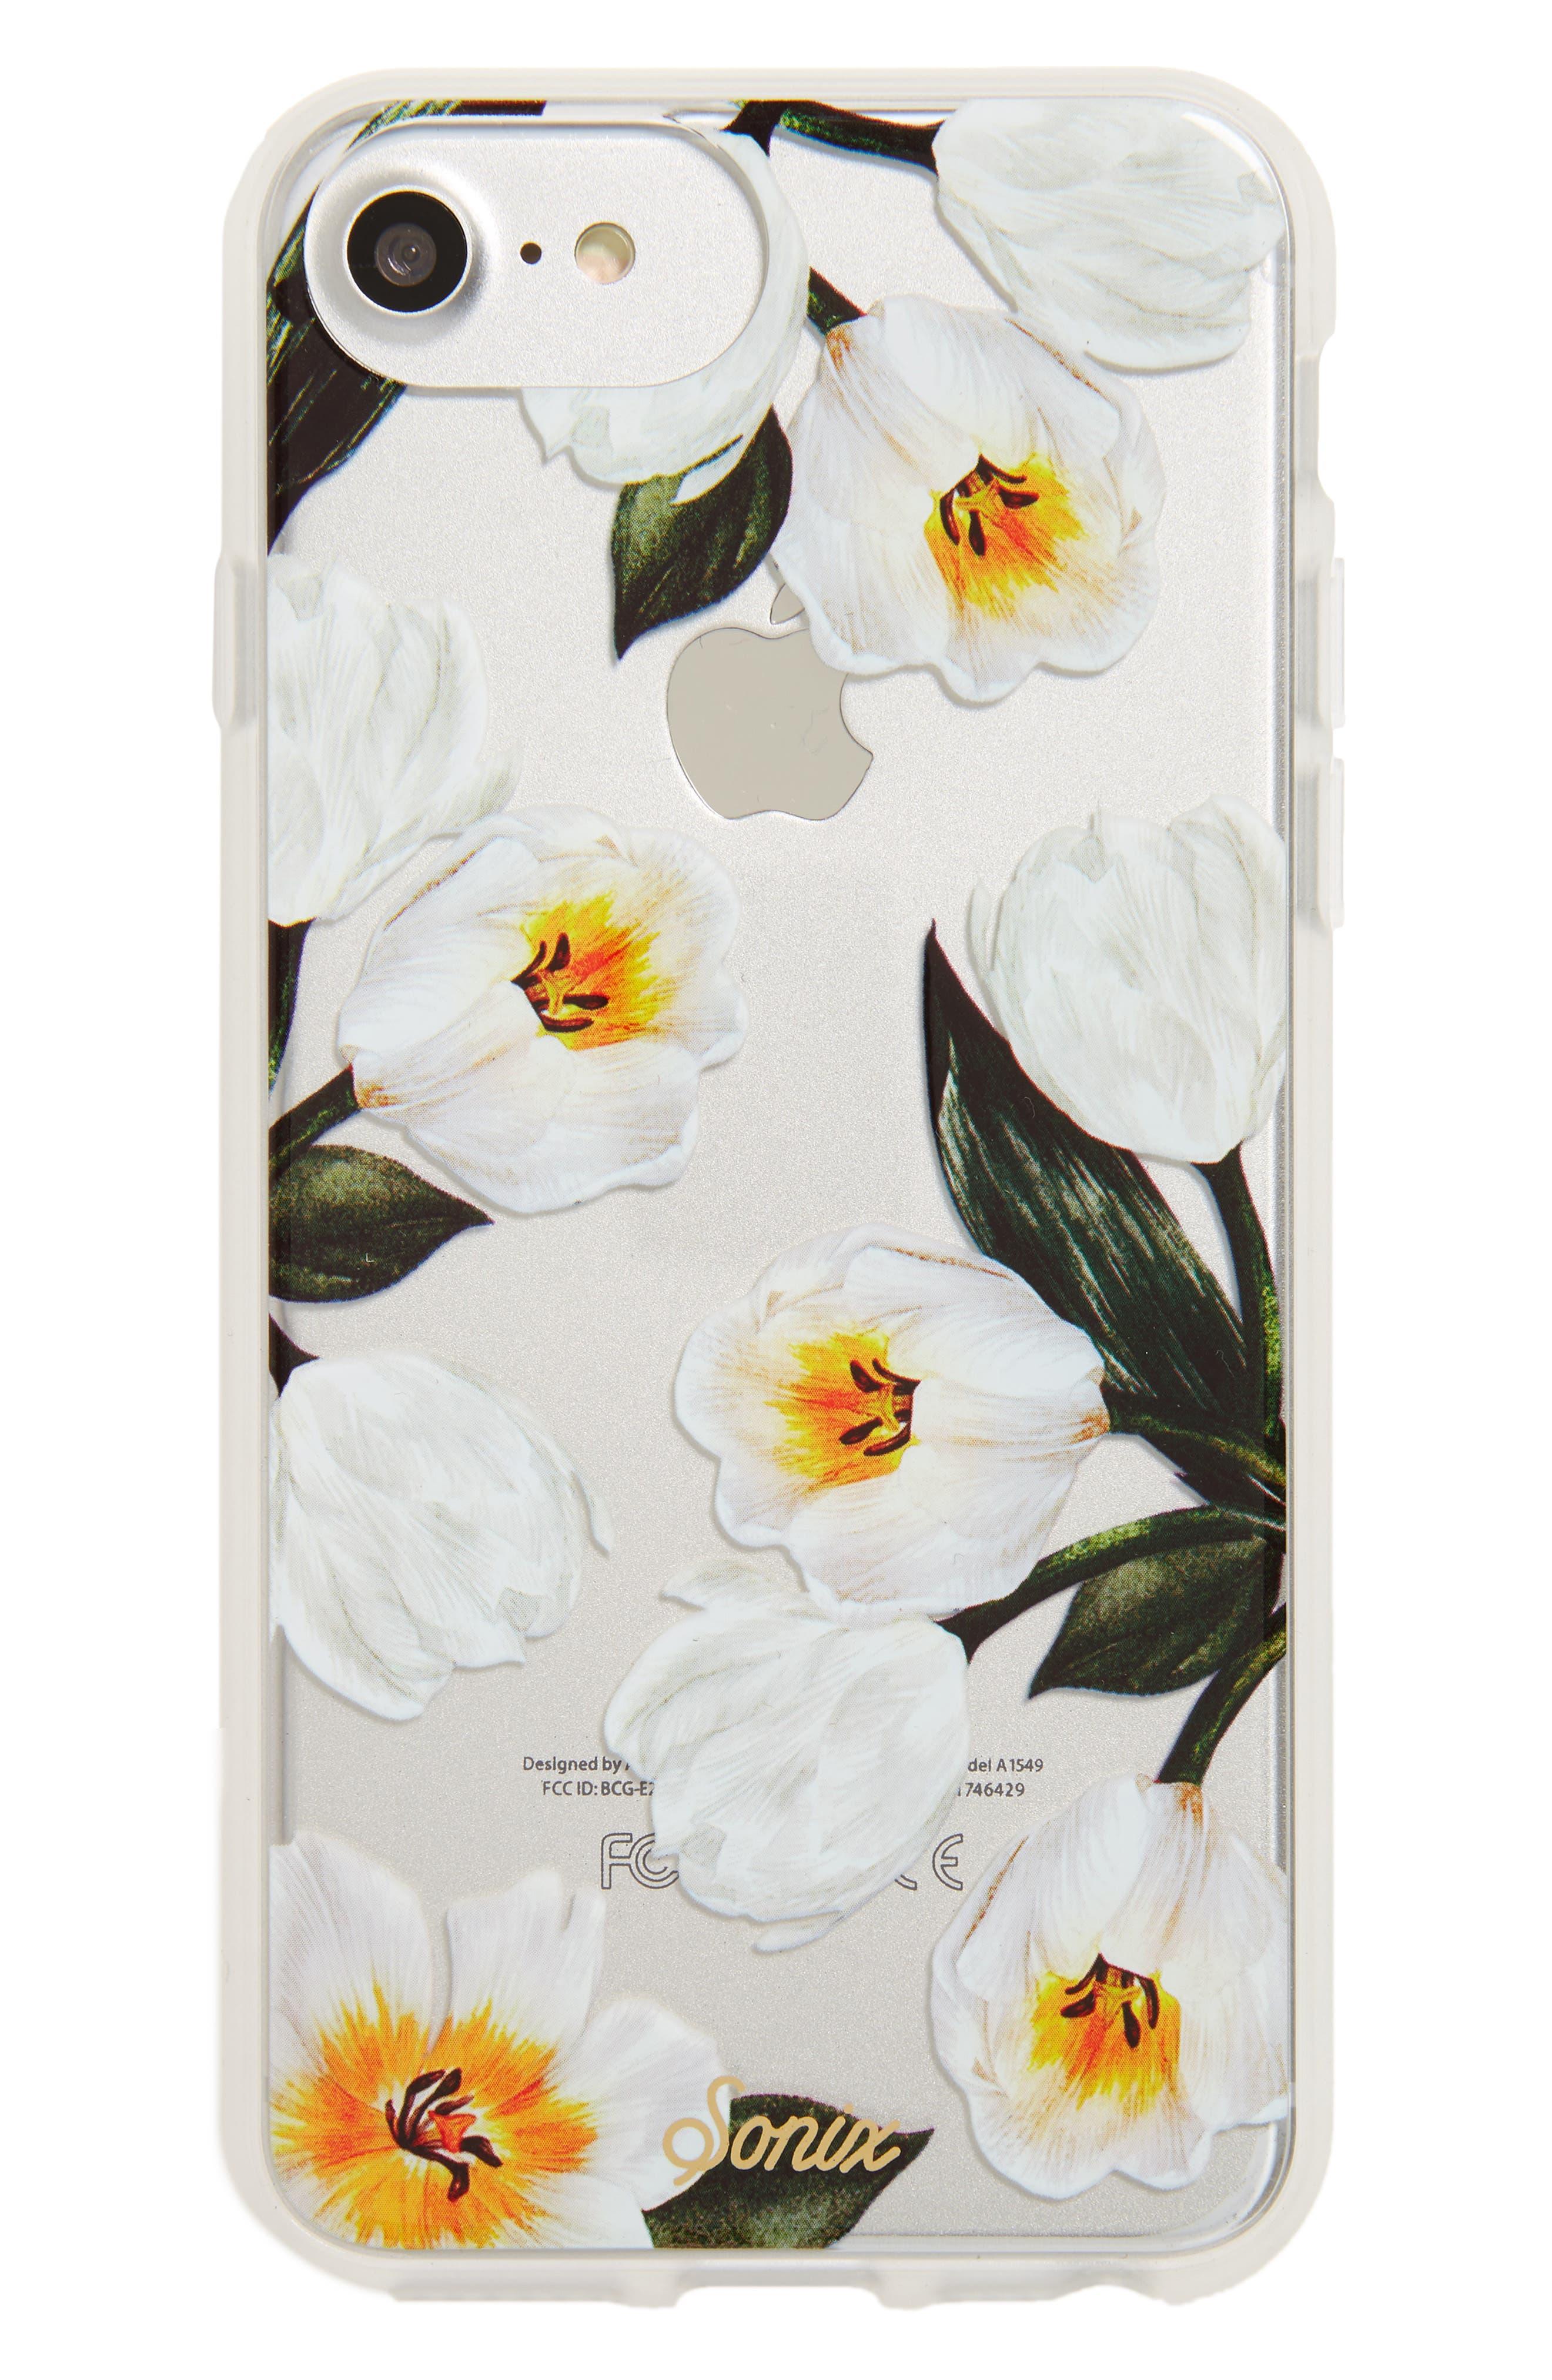 Sonix Tulip iPhone 6/6s/7/8 & 6/6s/7/8 Plus Case